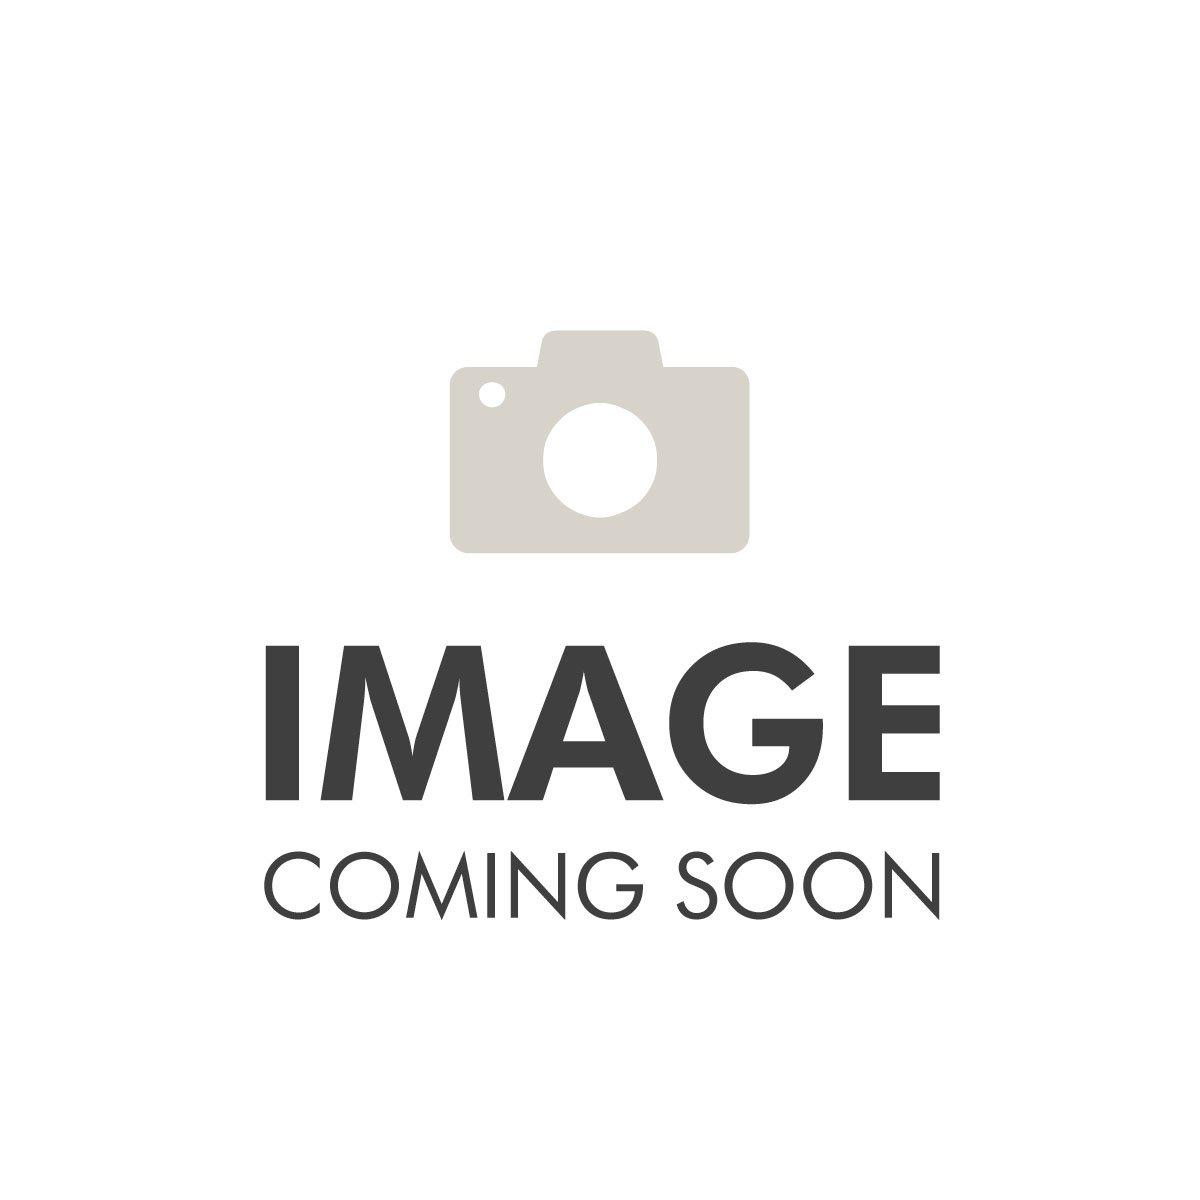 Uhlmann - Coquille de sabre - Standard